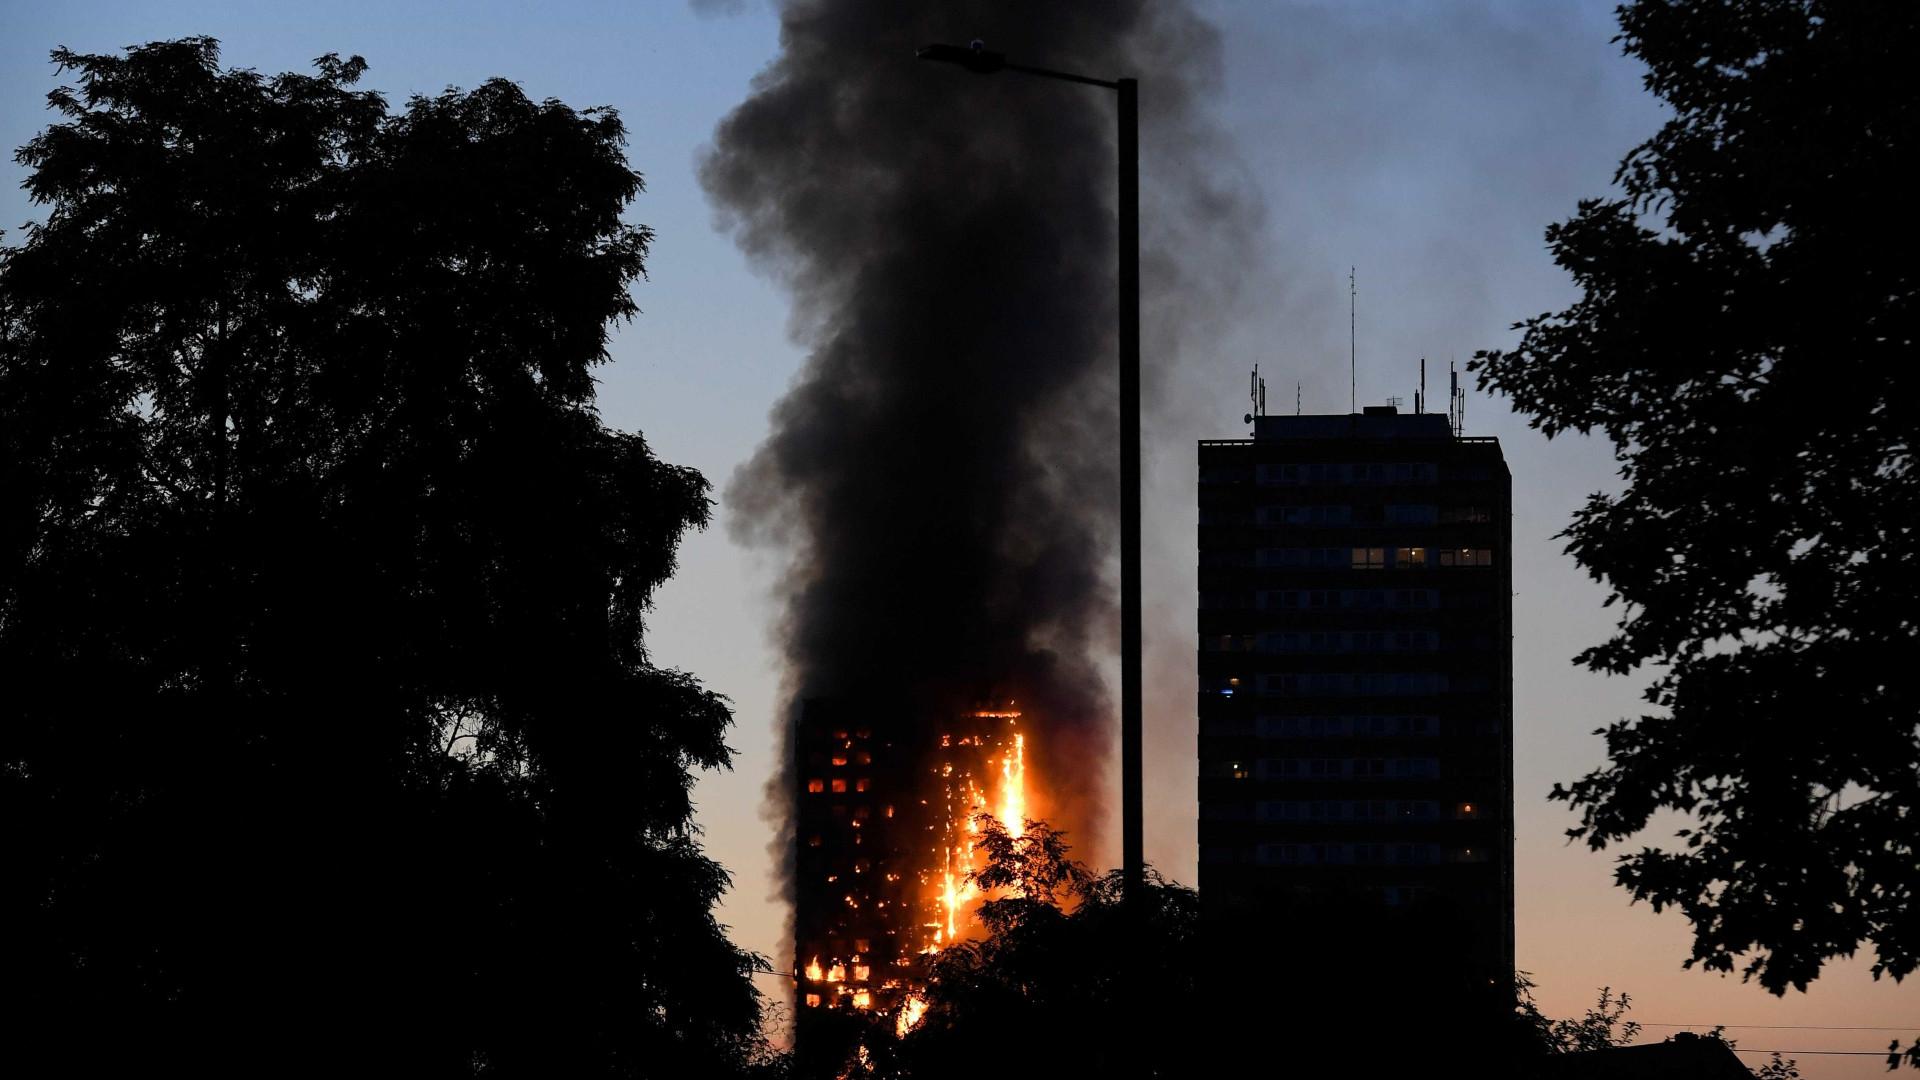 Família portuguesa localizada, duas crianças feridas — Incêndio Londres